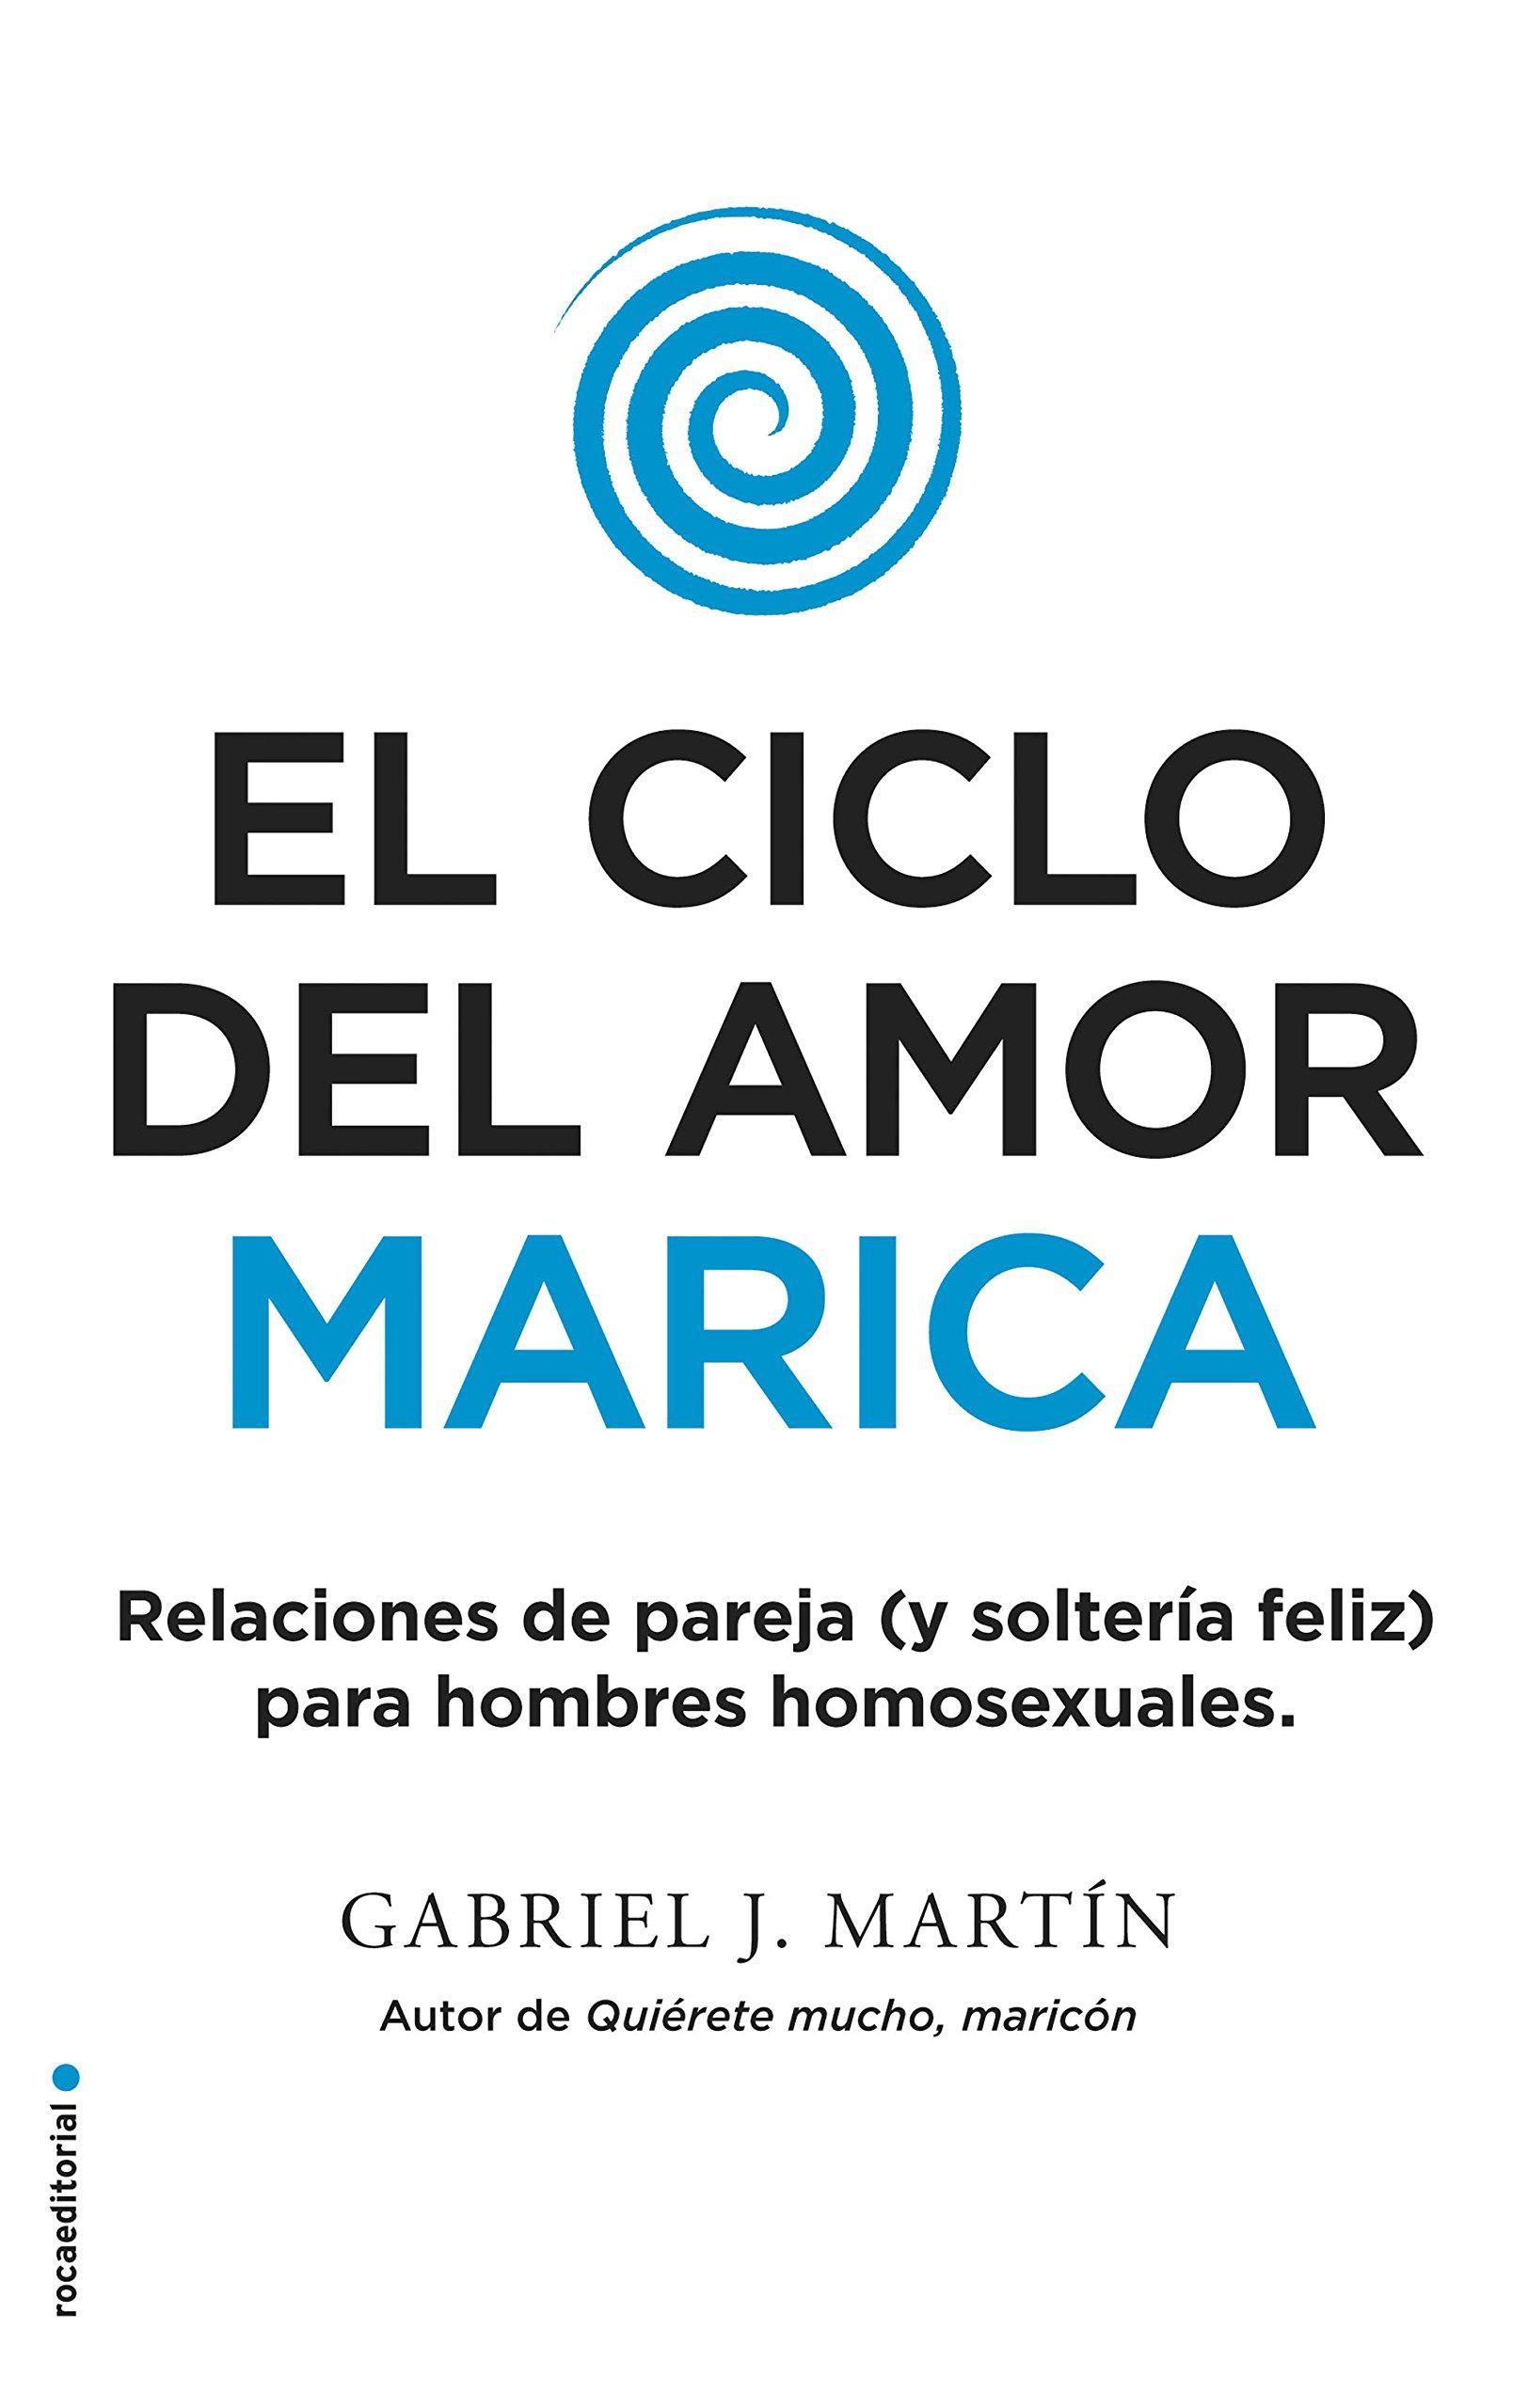 El ciclo del amor marica (No Ficción) Tapa blanda – 12 abr 2017 Gabriel J. Martín Roca Editorial 8416700613 General